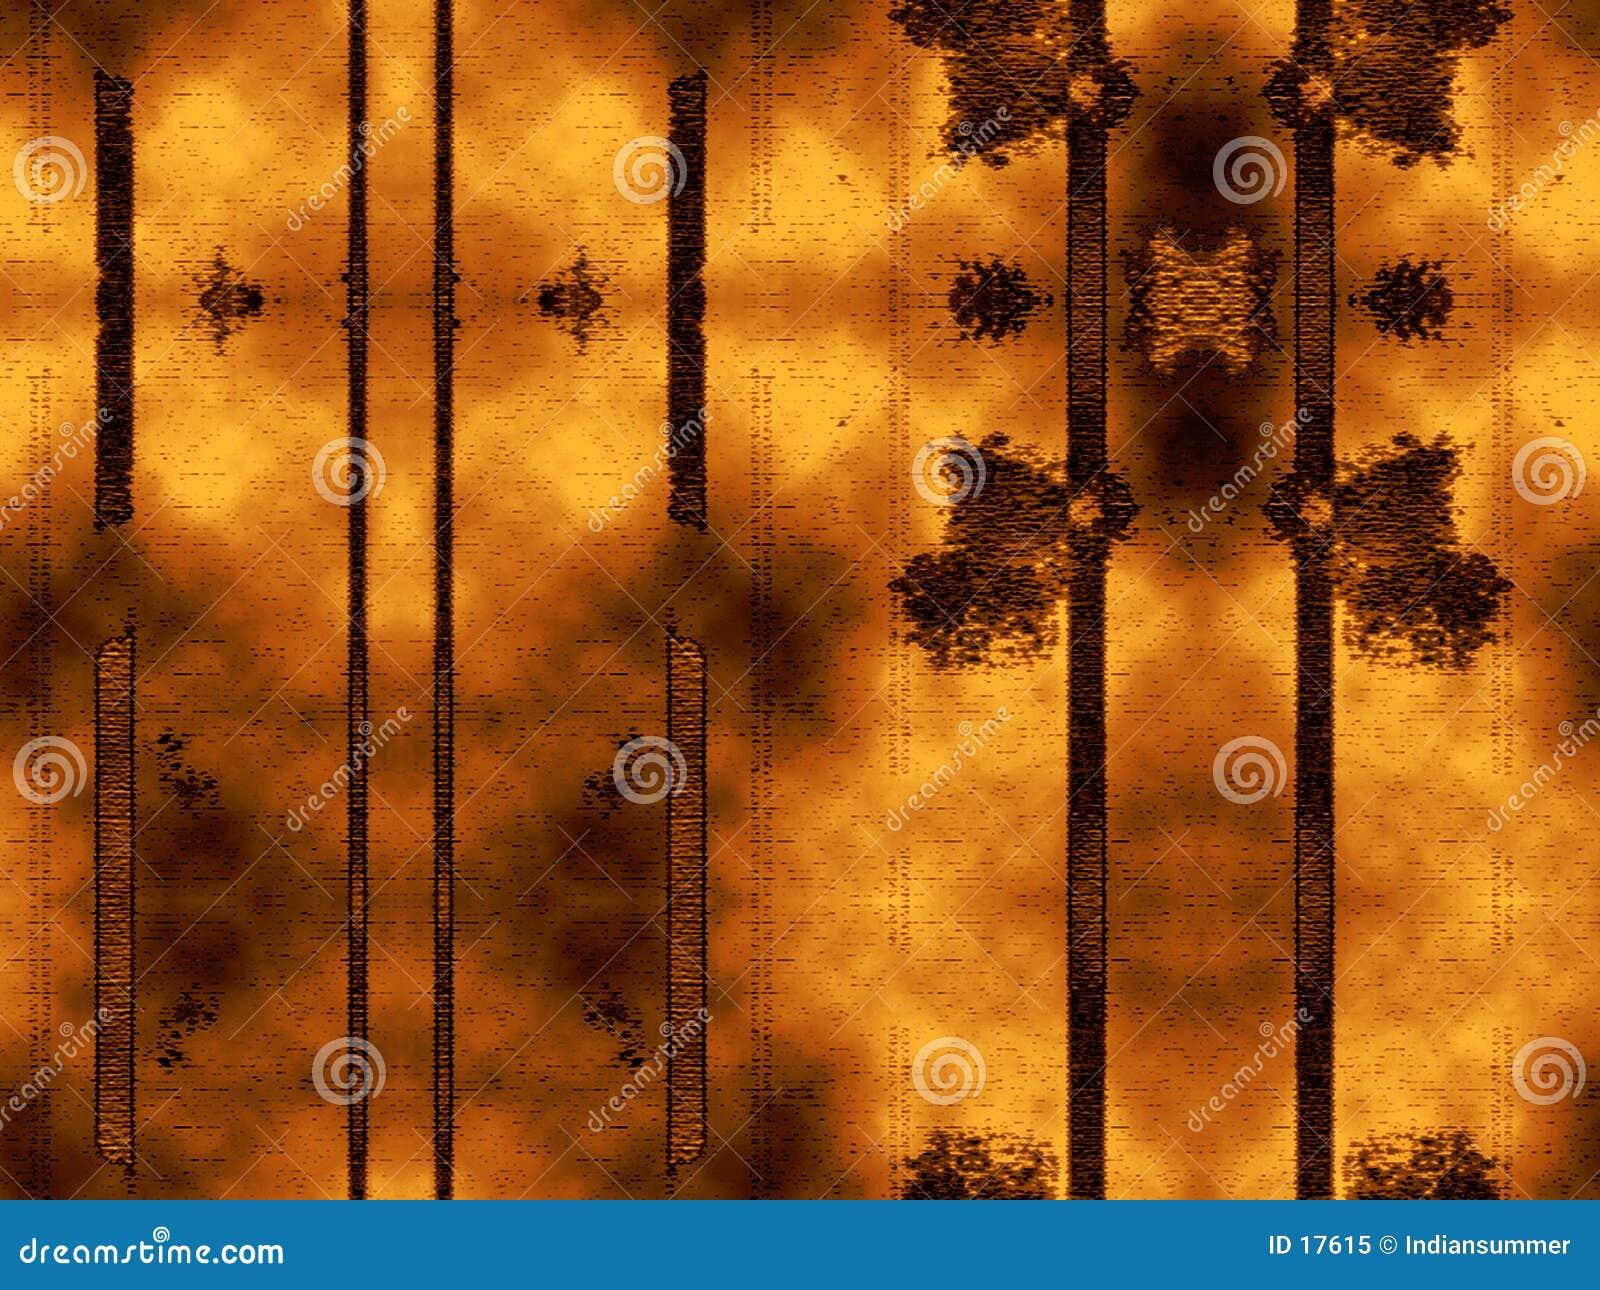 Abstracte verticale lijnen en vlekken als achtergrond